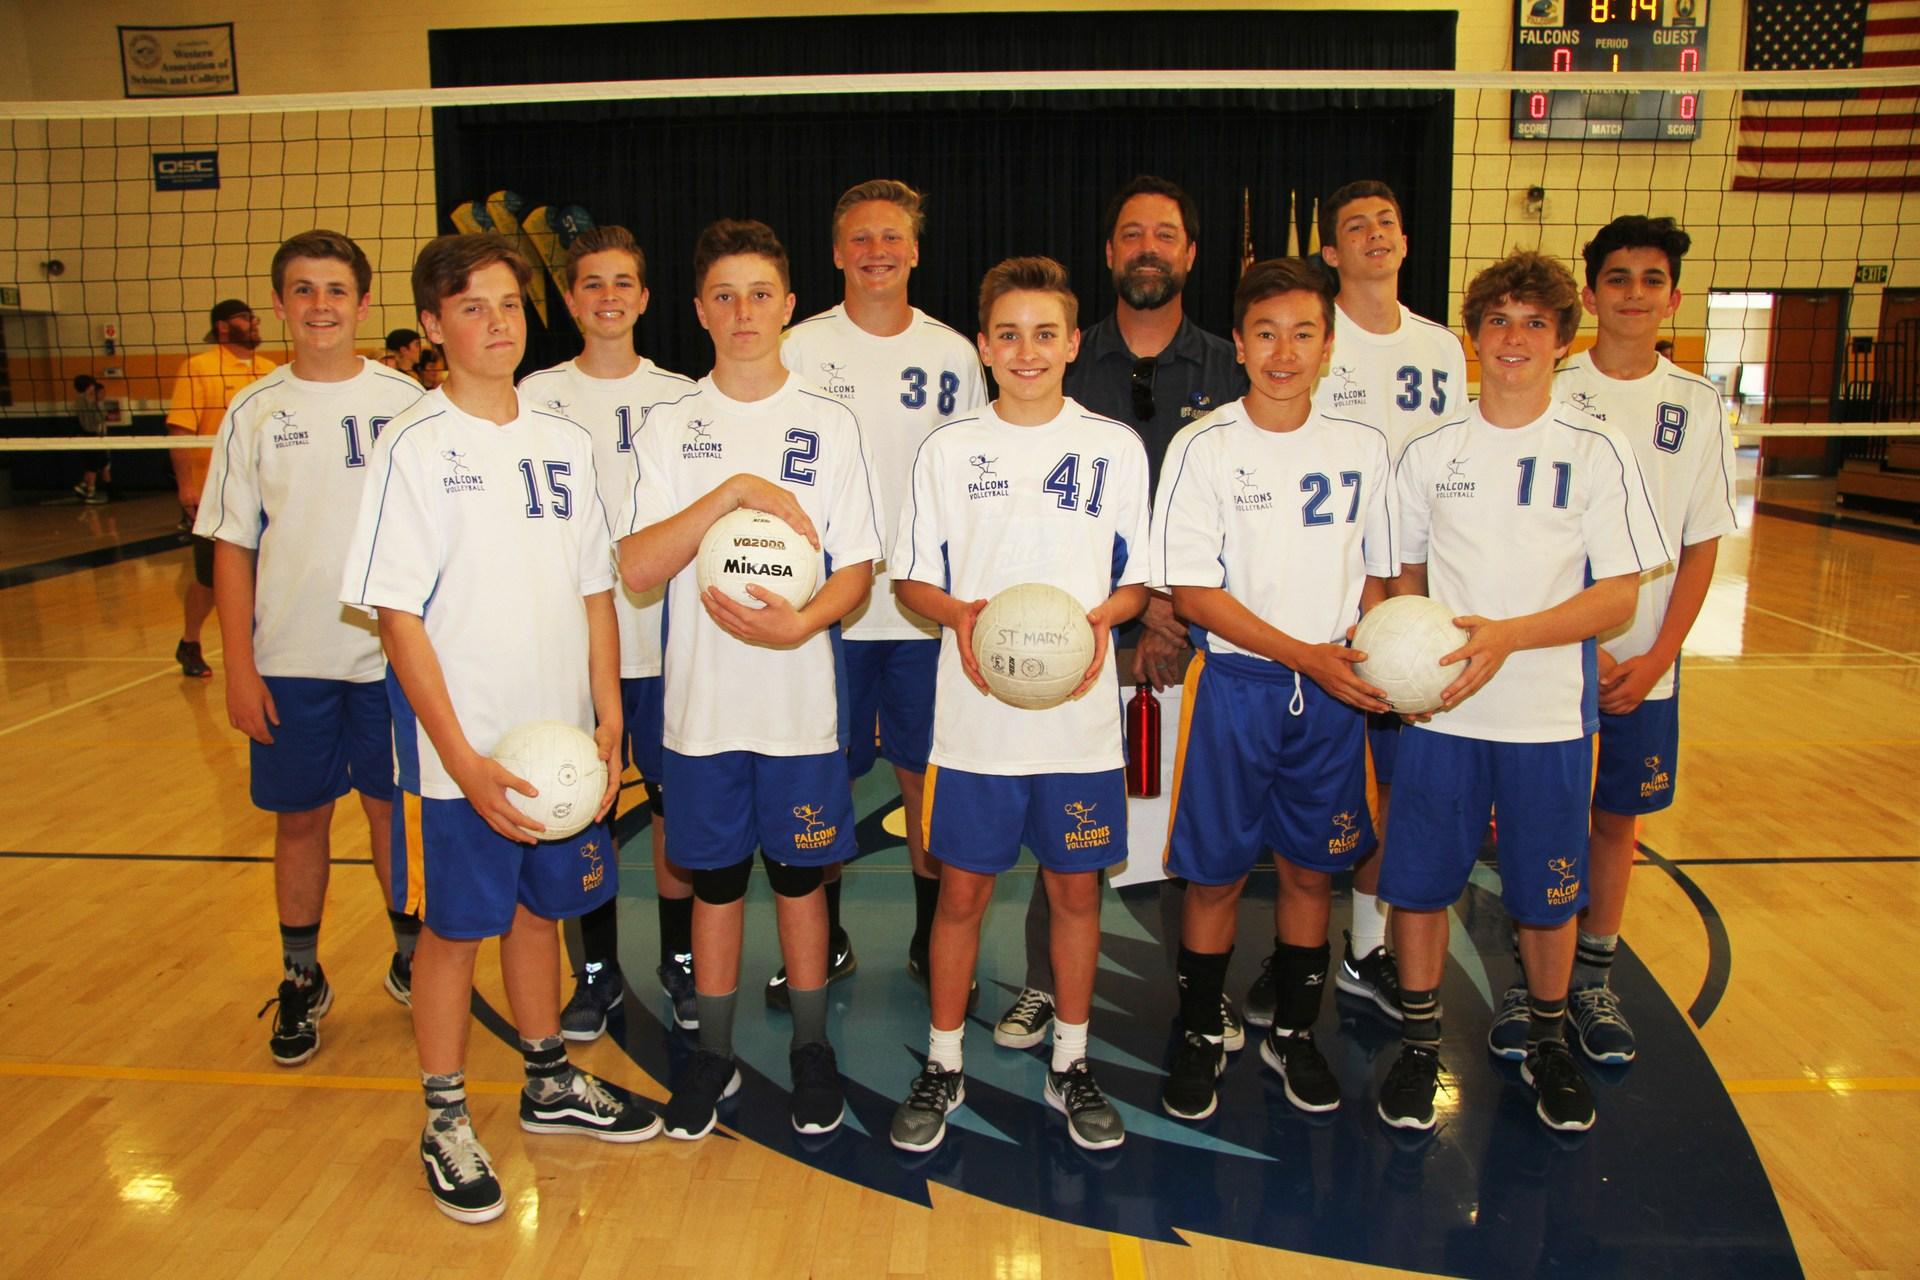 Mountain A boys' volleyball team